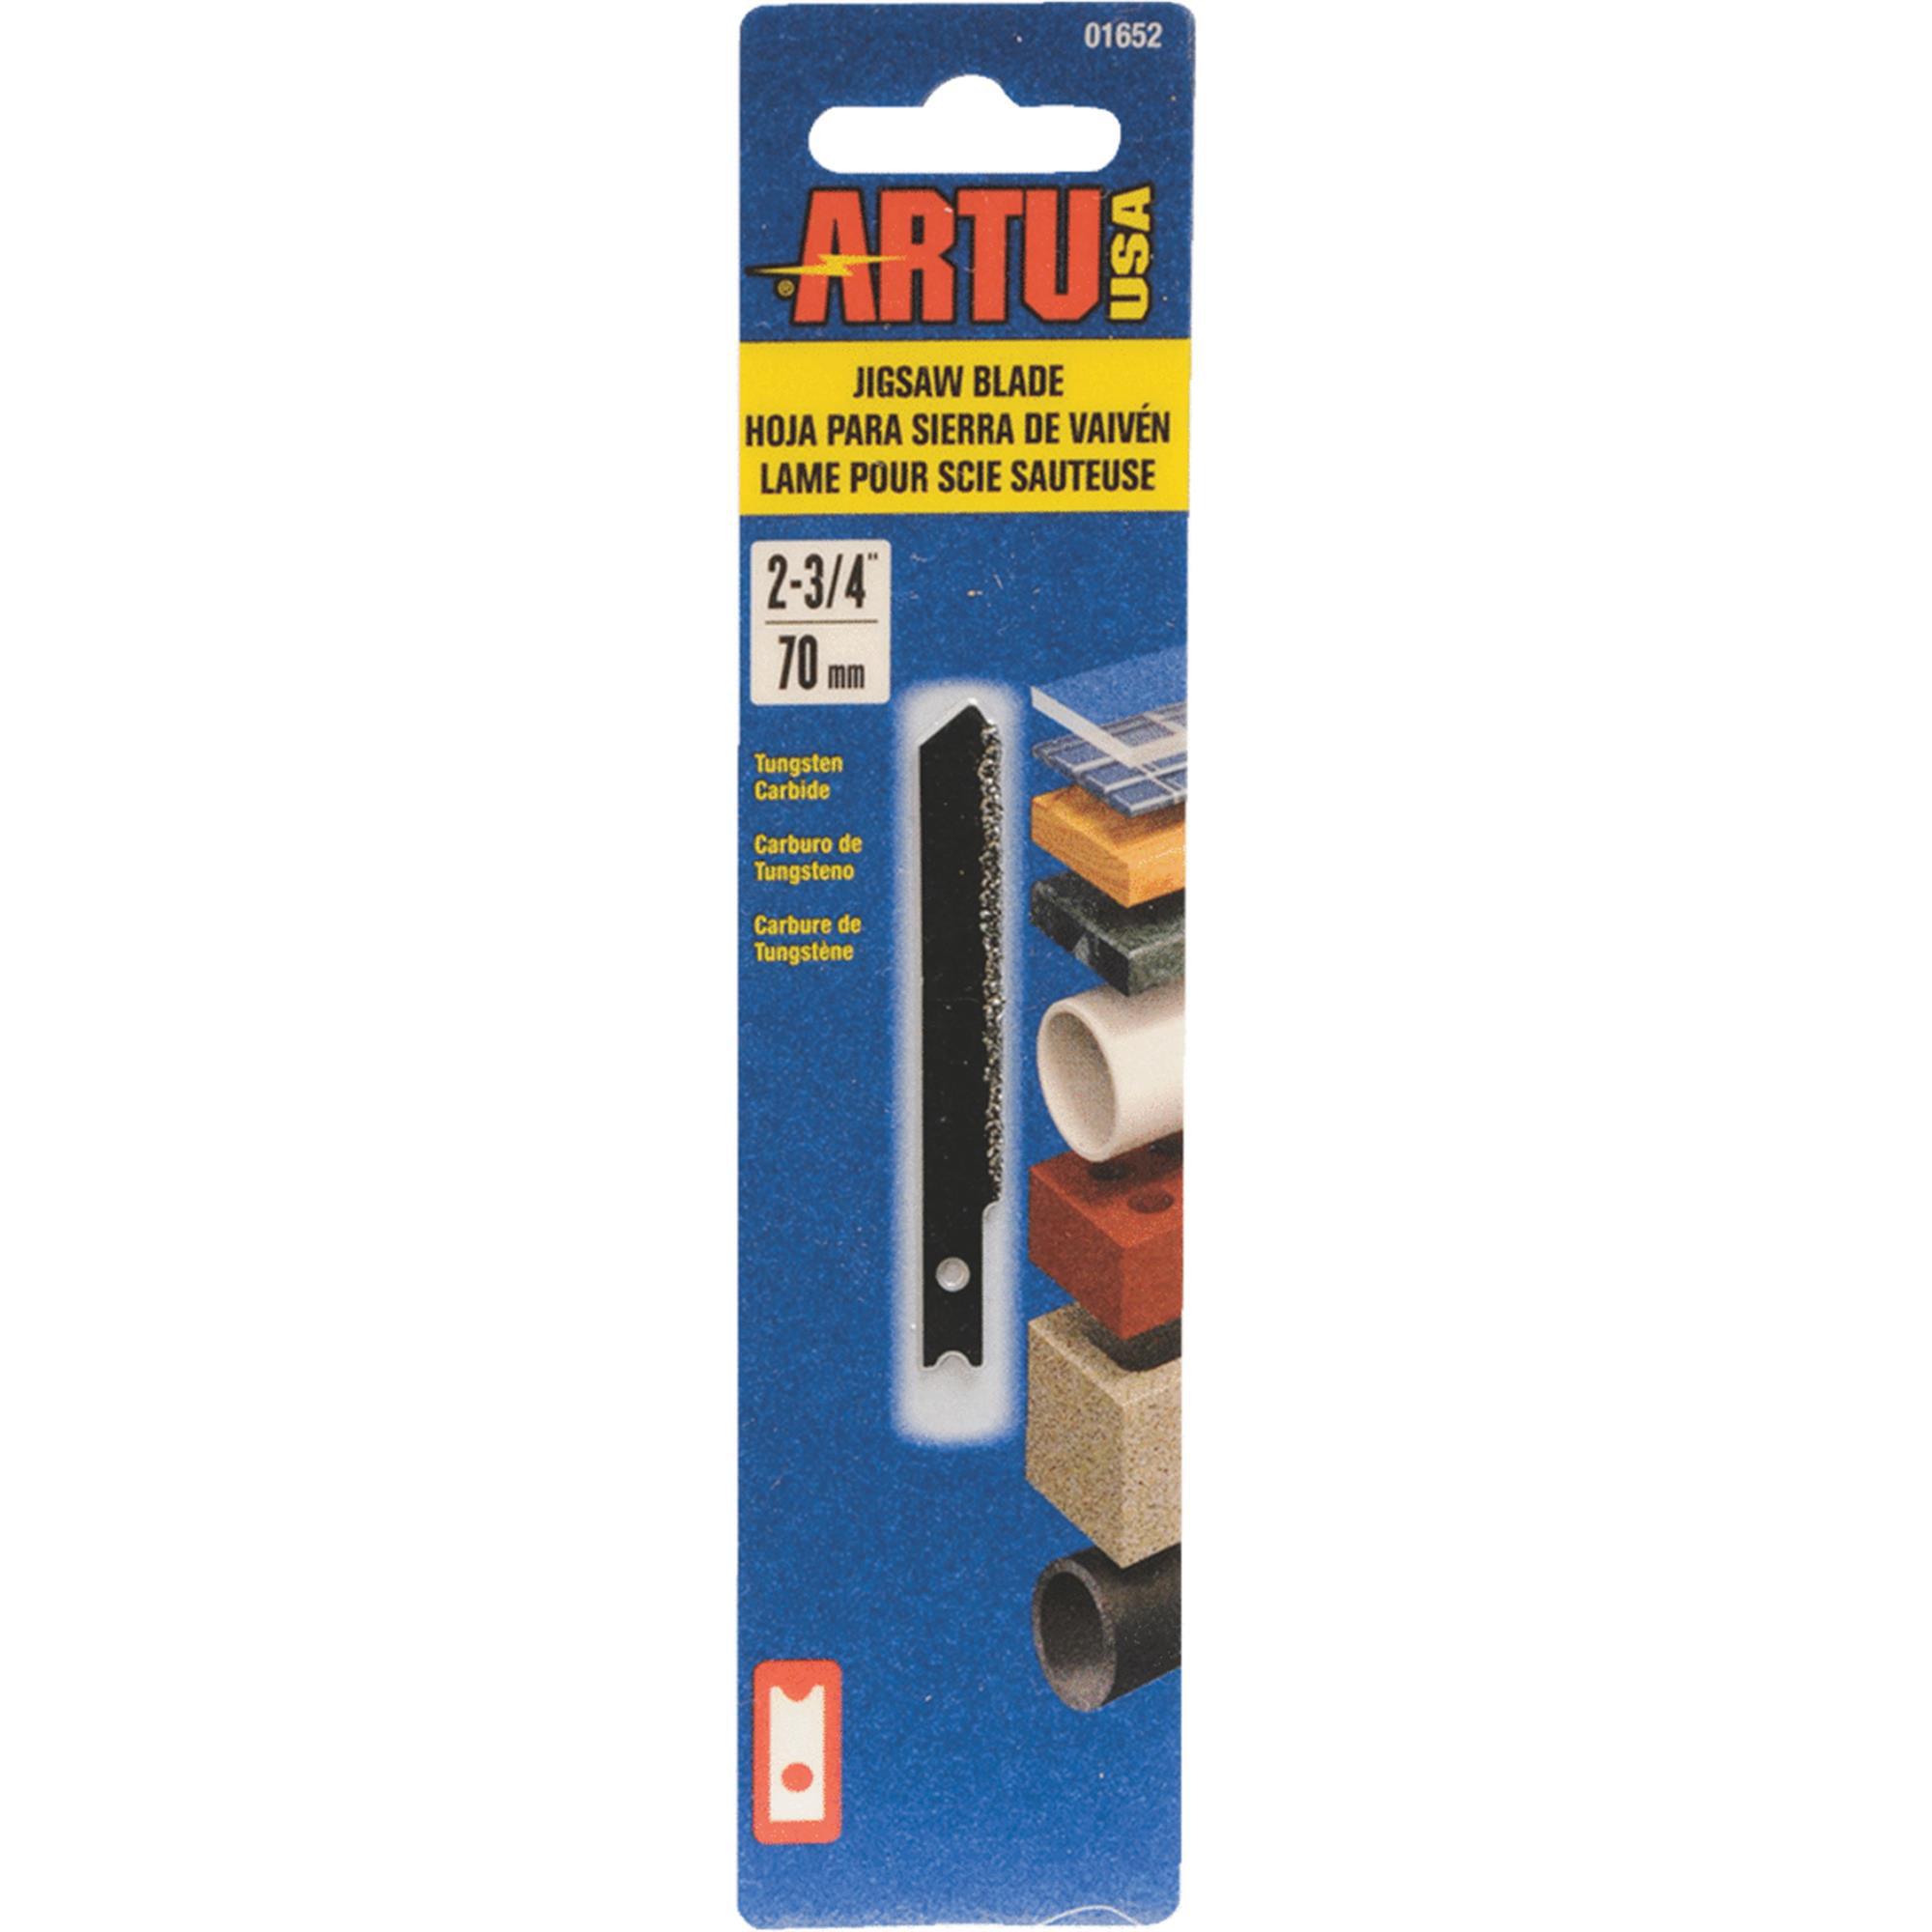 ARTU Tungsten Carbide Grit Jig Saw Blade by Artu-usa